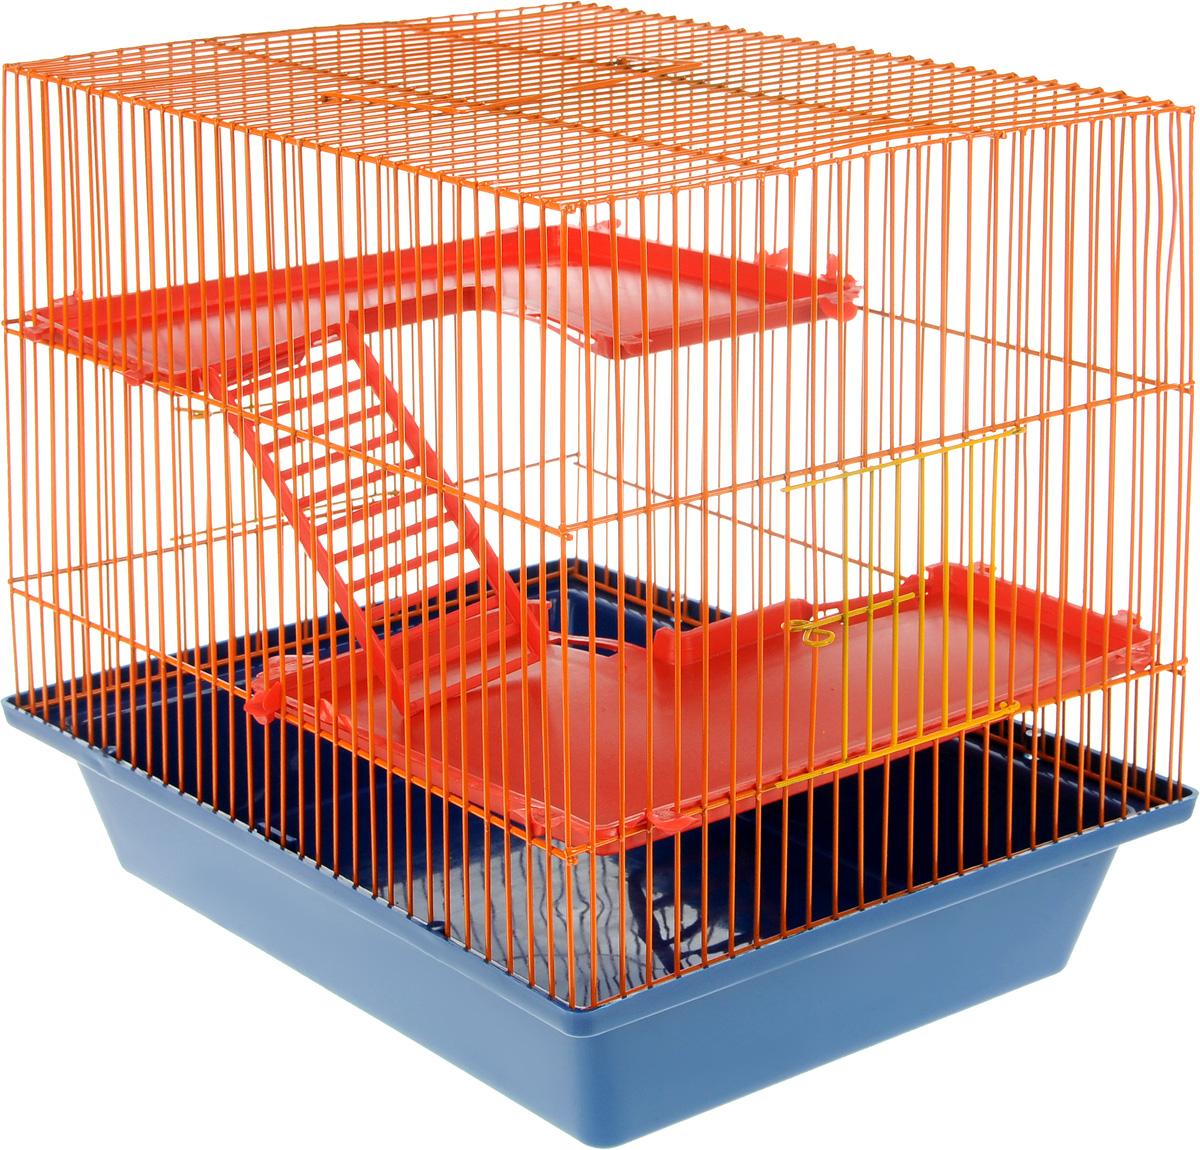 Клетка для грызунов ЗооМарк Гризли, 4-этажная, цвет: синий поддон, оранжевая решетка, красные этажи, 41 х 30 х 50 см240_синий, оранжевыйКлетка ЗооМарк Гризли, выполненная из полипропилена и металла, подходит для мелких грызунов. Изделие четырехэтажное. Клетка имеет яркий поддон, удобна в использовании и легко чистится. Сверху имеется ручка для переноски. Такая клетка станет уединенным личным пространством и уютным домиком для маленького грызуна.